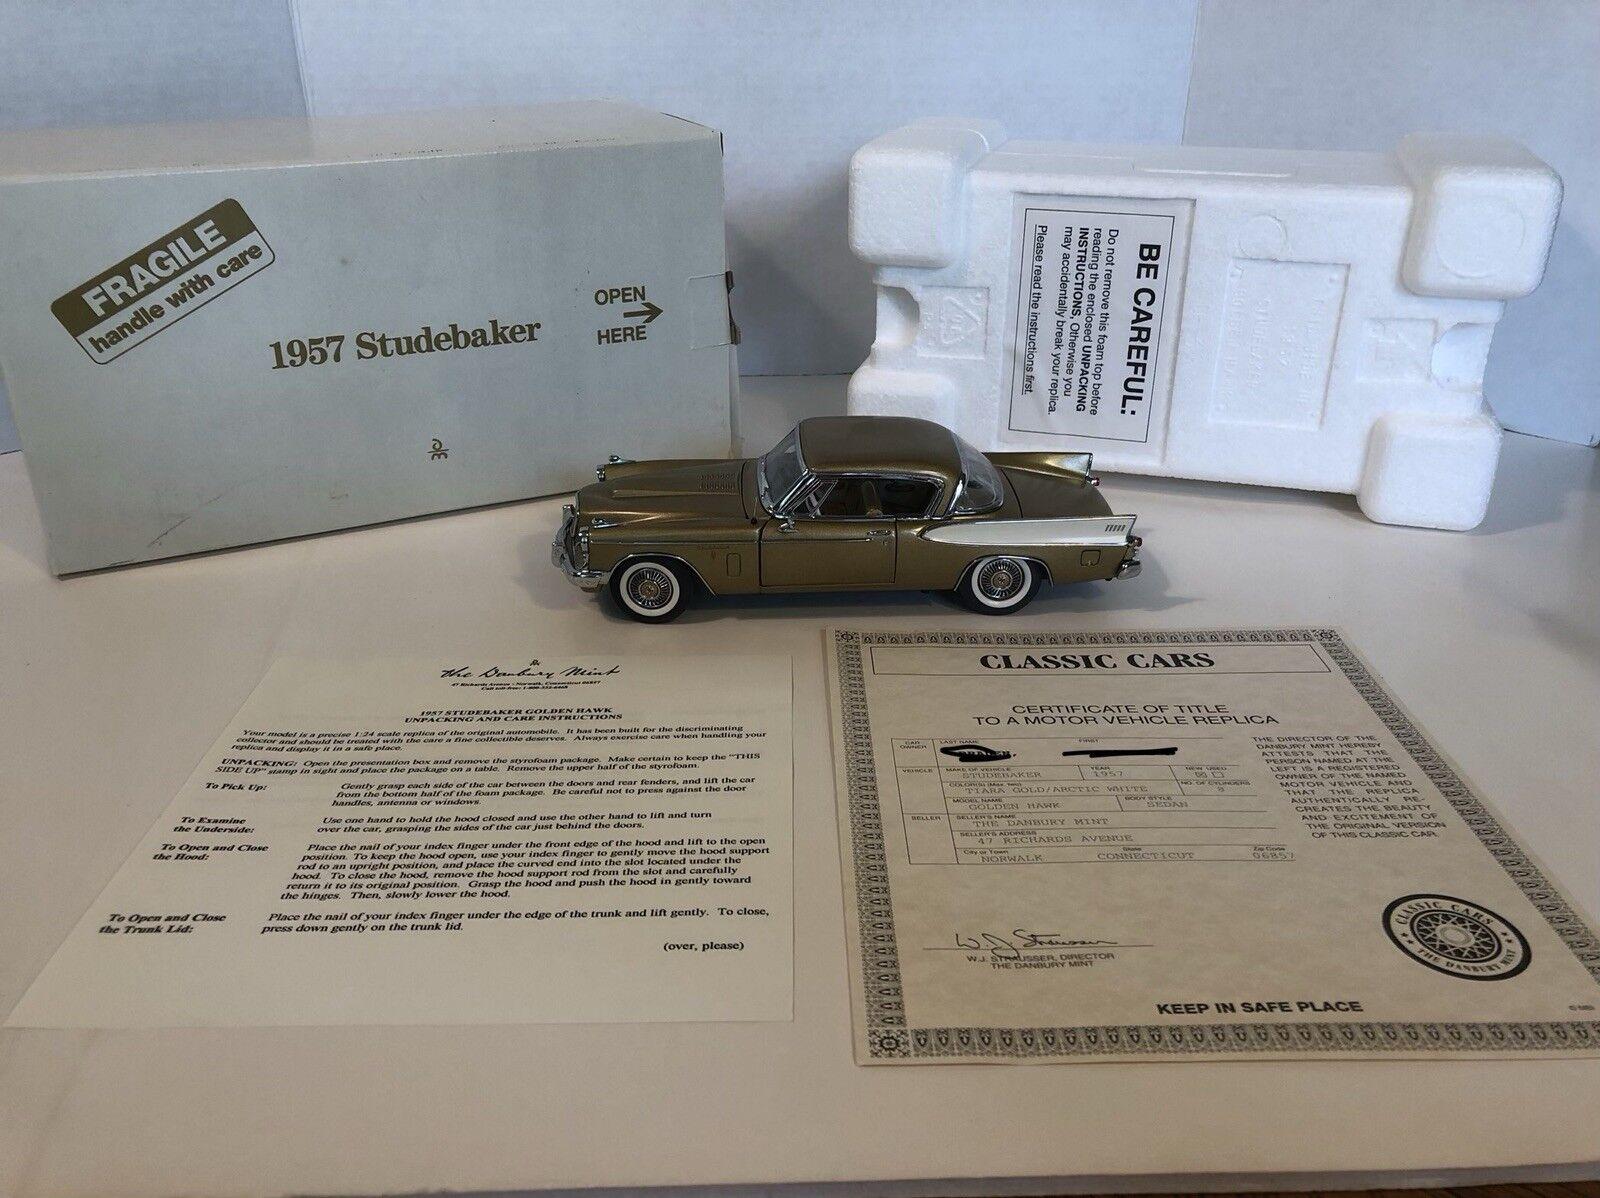 Danbury como nuevo 1957 Studebaker oroen Hawk Modelo oro oro oro 1 24 Scale Die Cast 16b90c